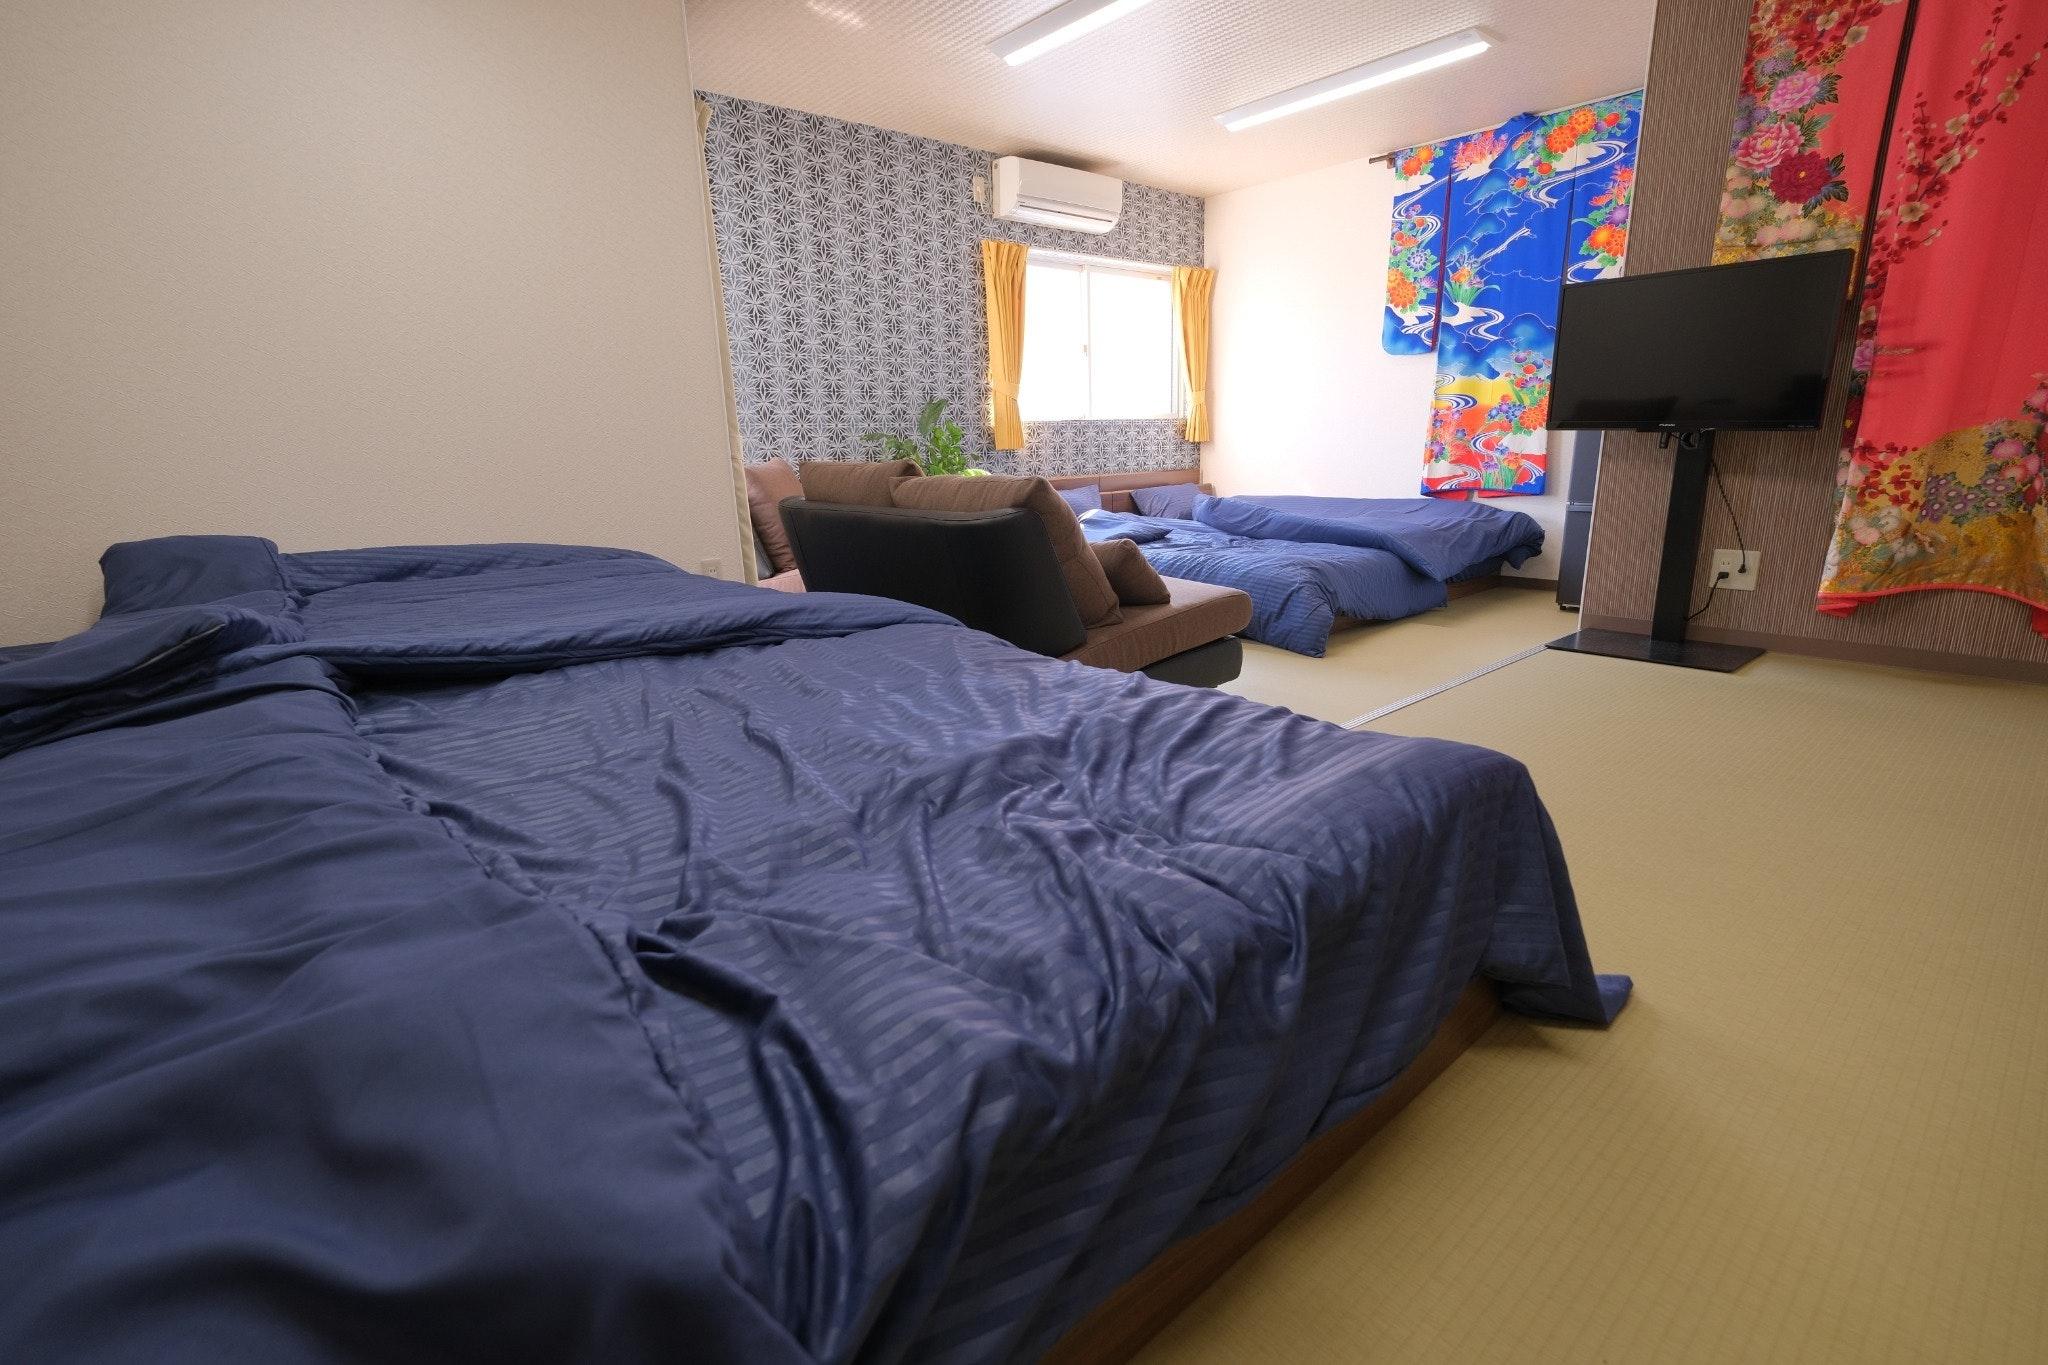 新規オープン!!下町グルメの街で、素足が気持ちよい明るい和風デザイン部屋です。♢菜花♢